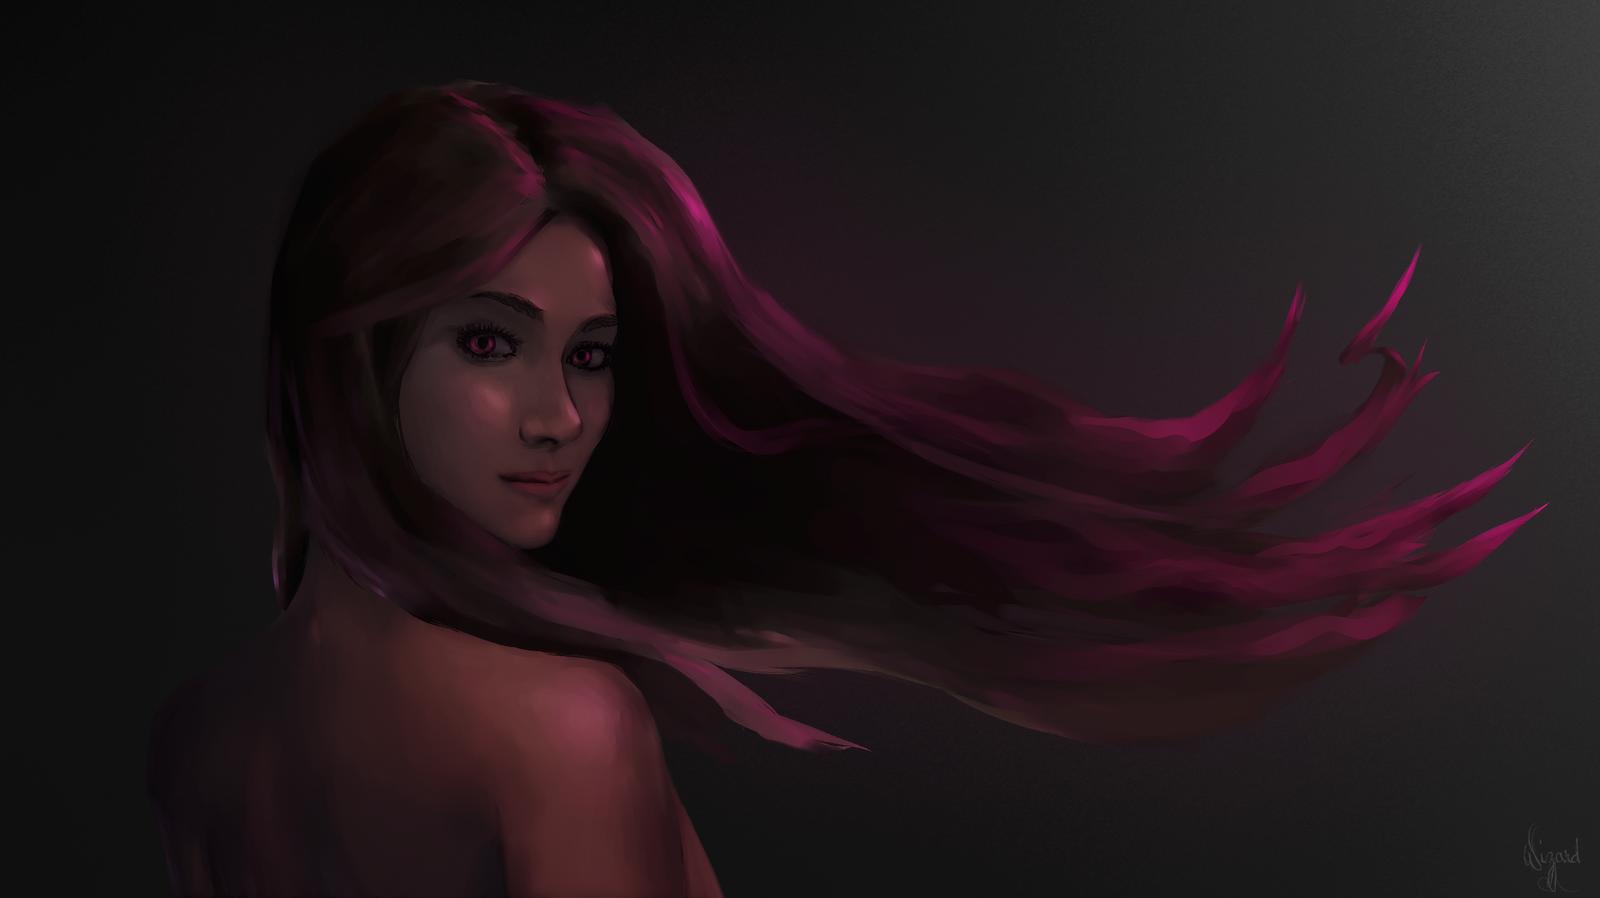 Maria by Wizardik